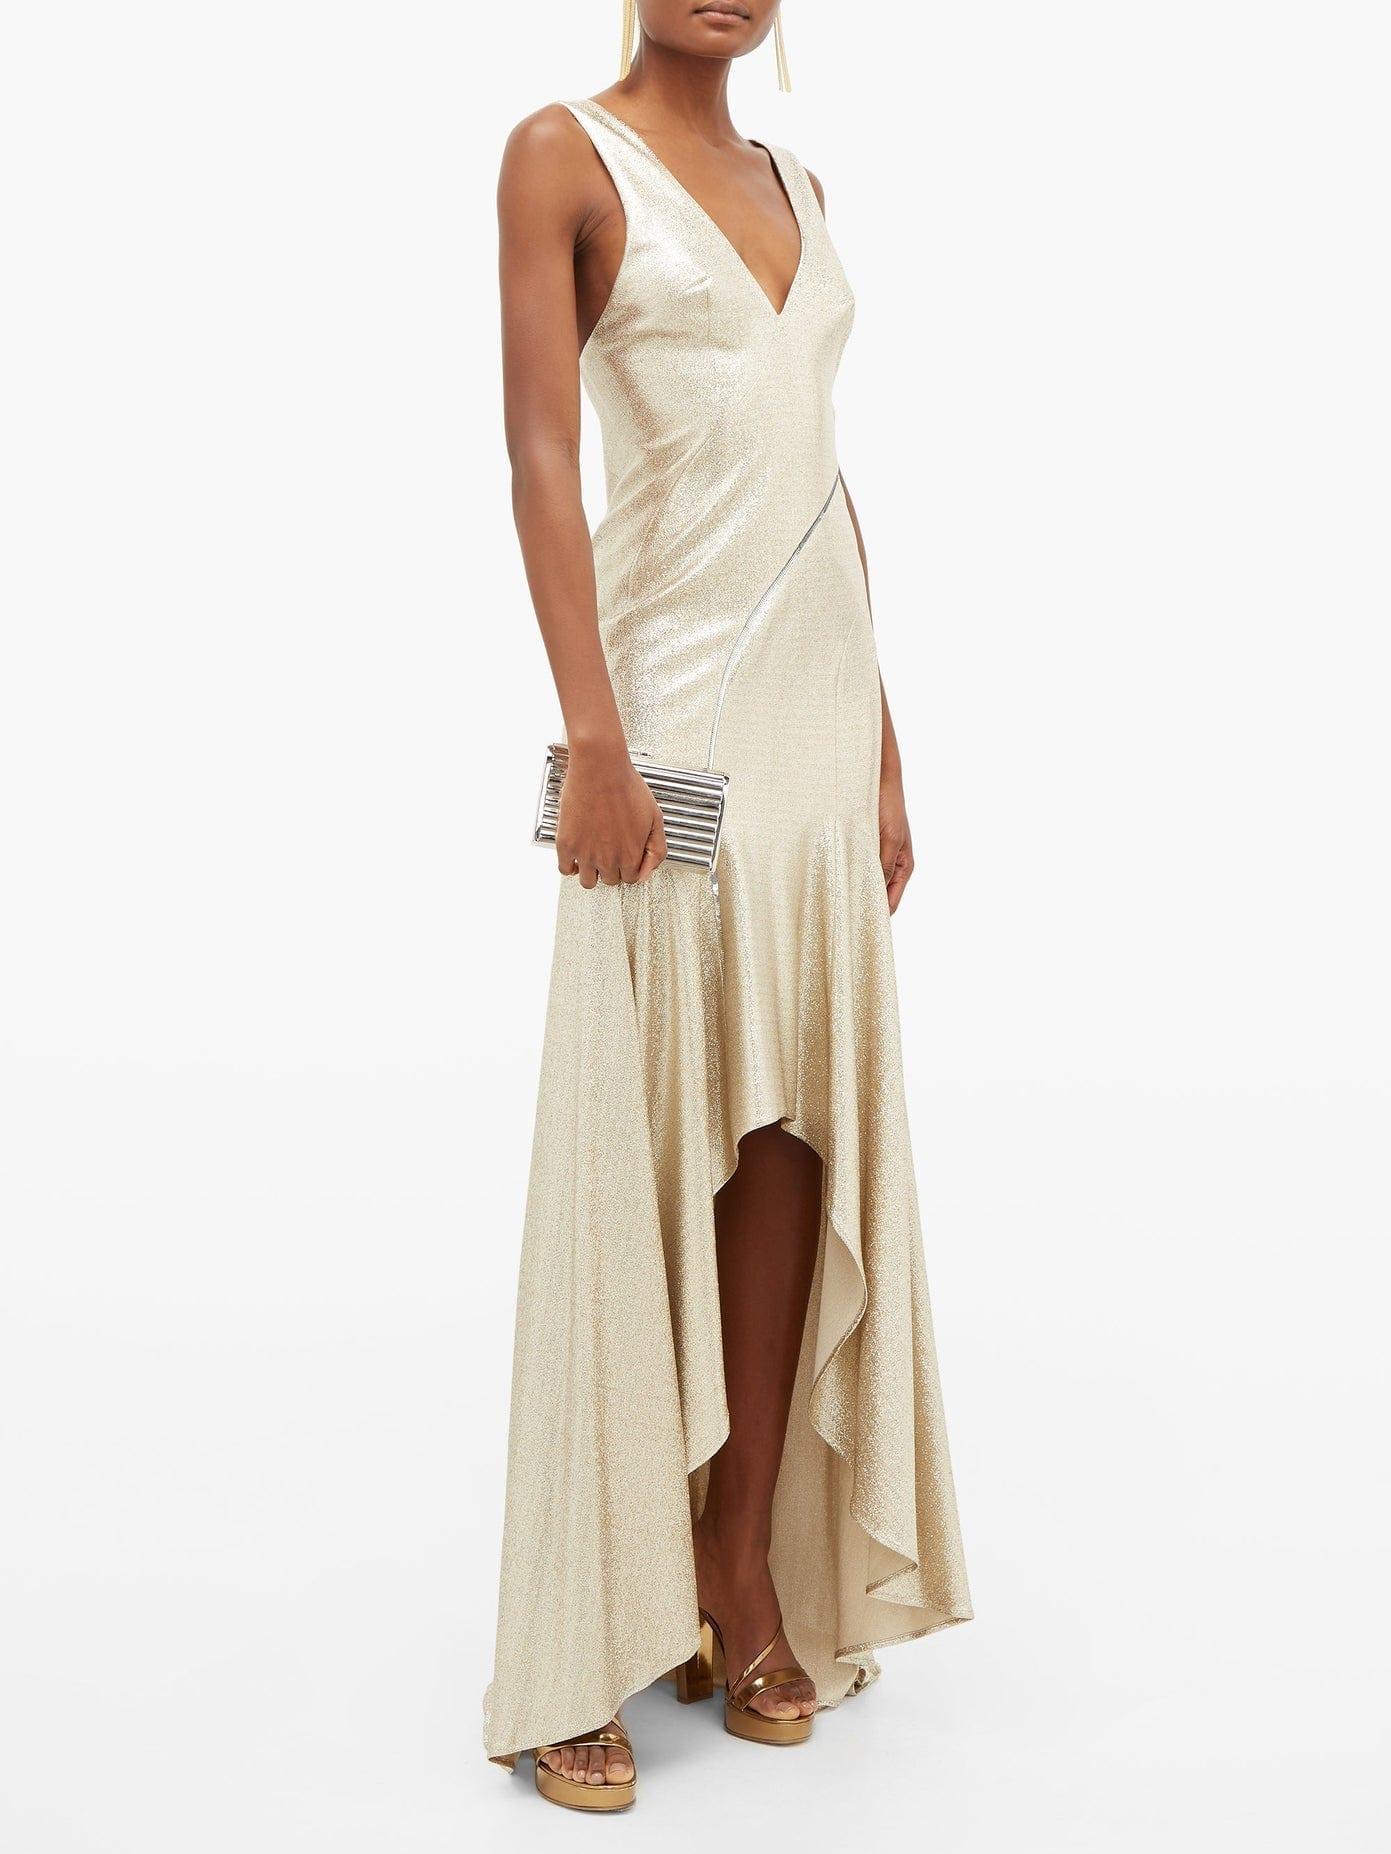 GALVAN Releve Asymmetric Lurex Gown